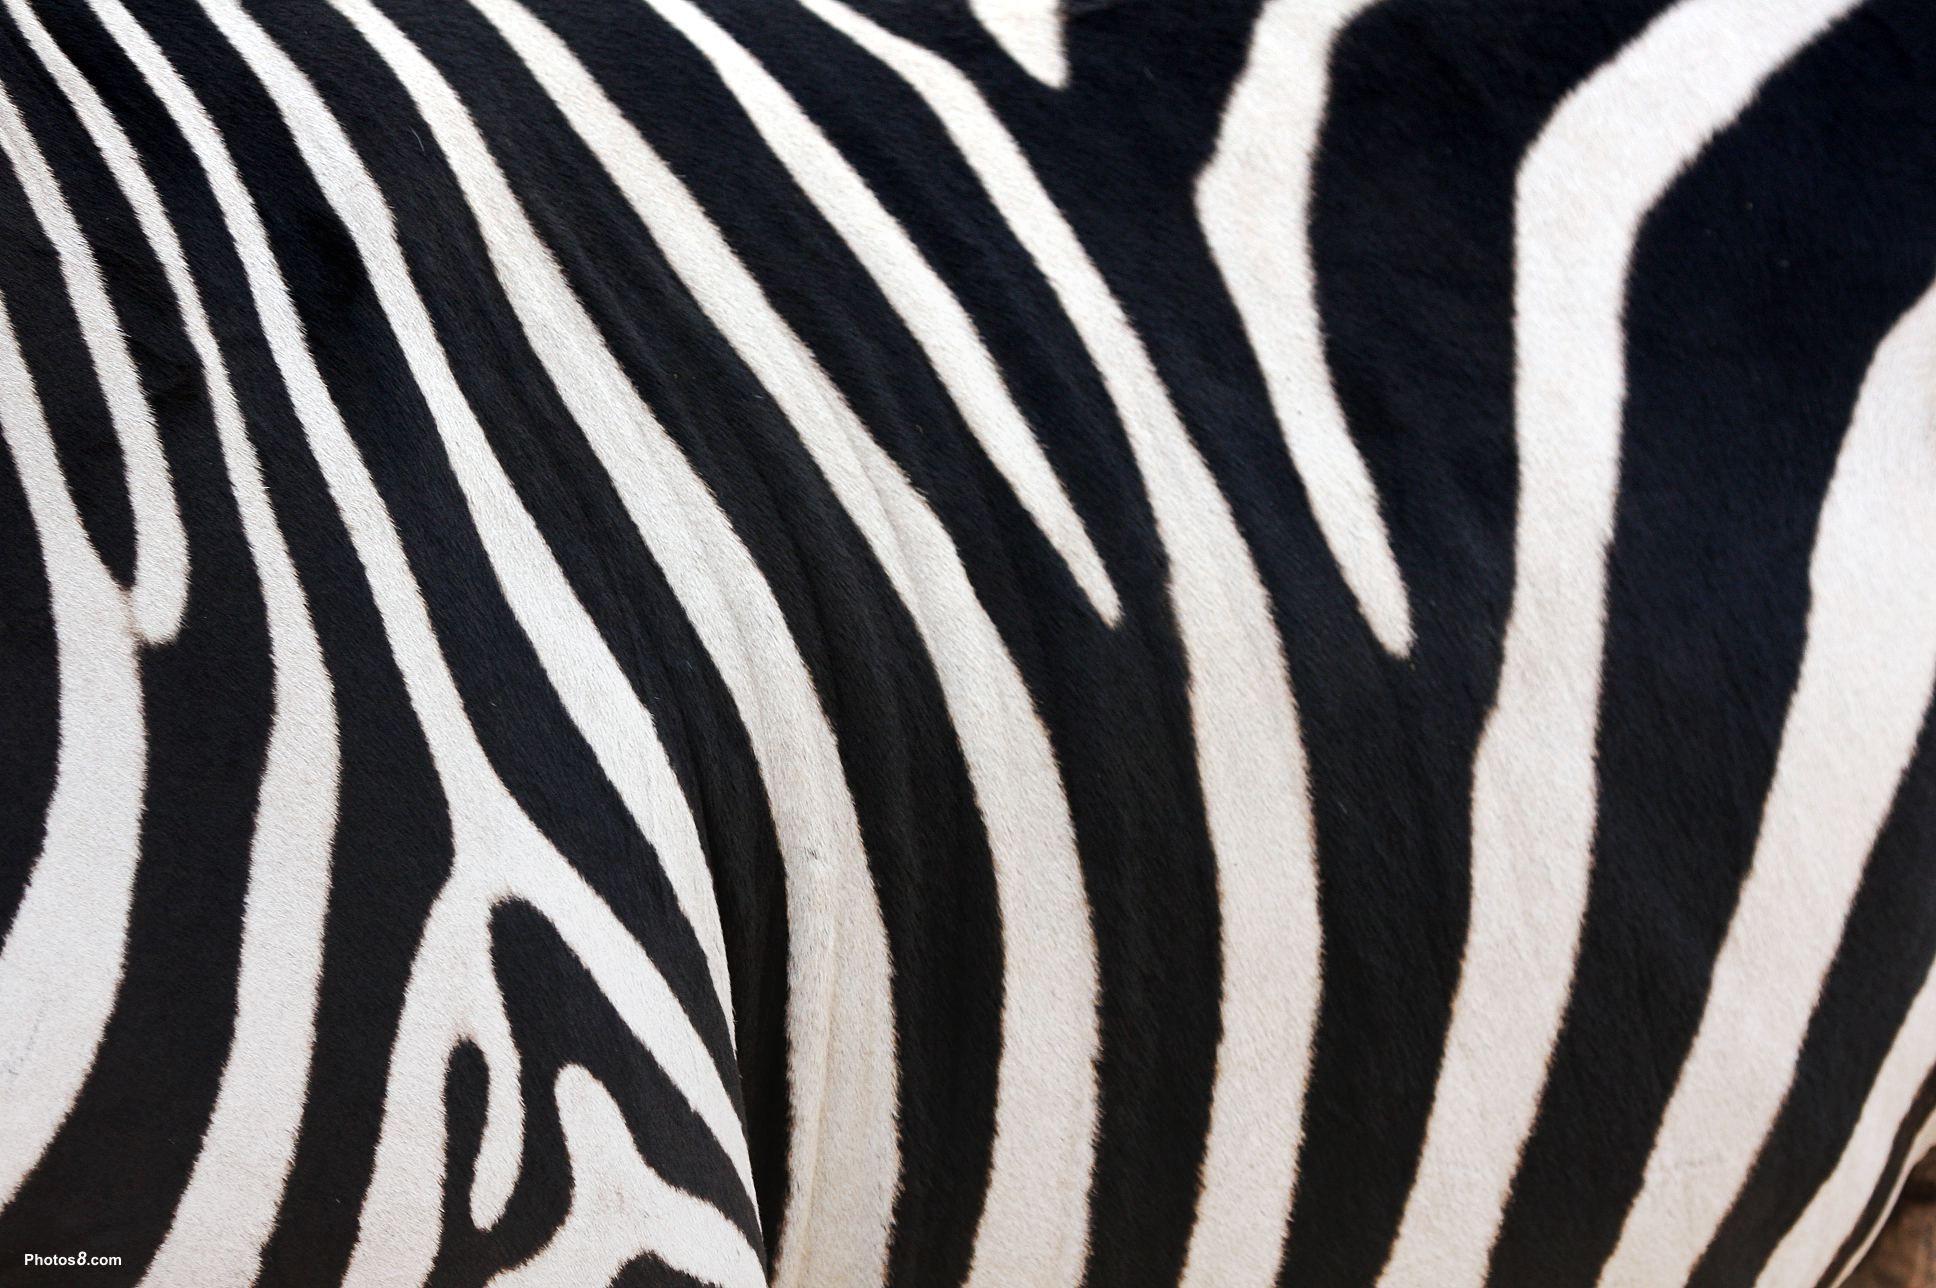 Zebra Drawing Computer Wallpapers Desktop Backgrounds 1920 1080 Zebra Desktop Wallpapers 41 Wallpapers Adorable Wal Zebra Wallpaper Zebras Zebra Drawing